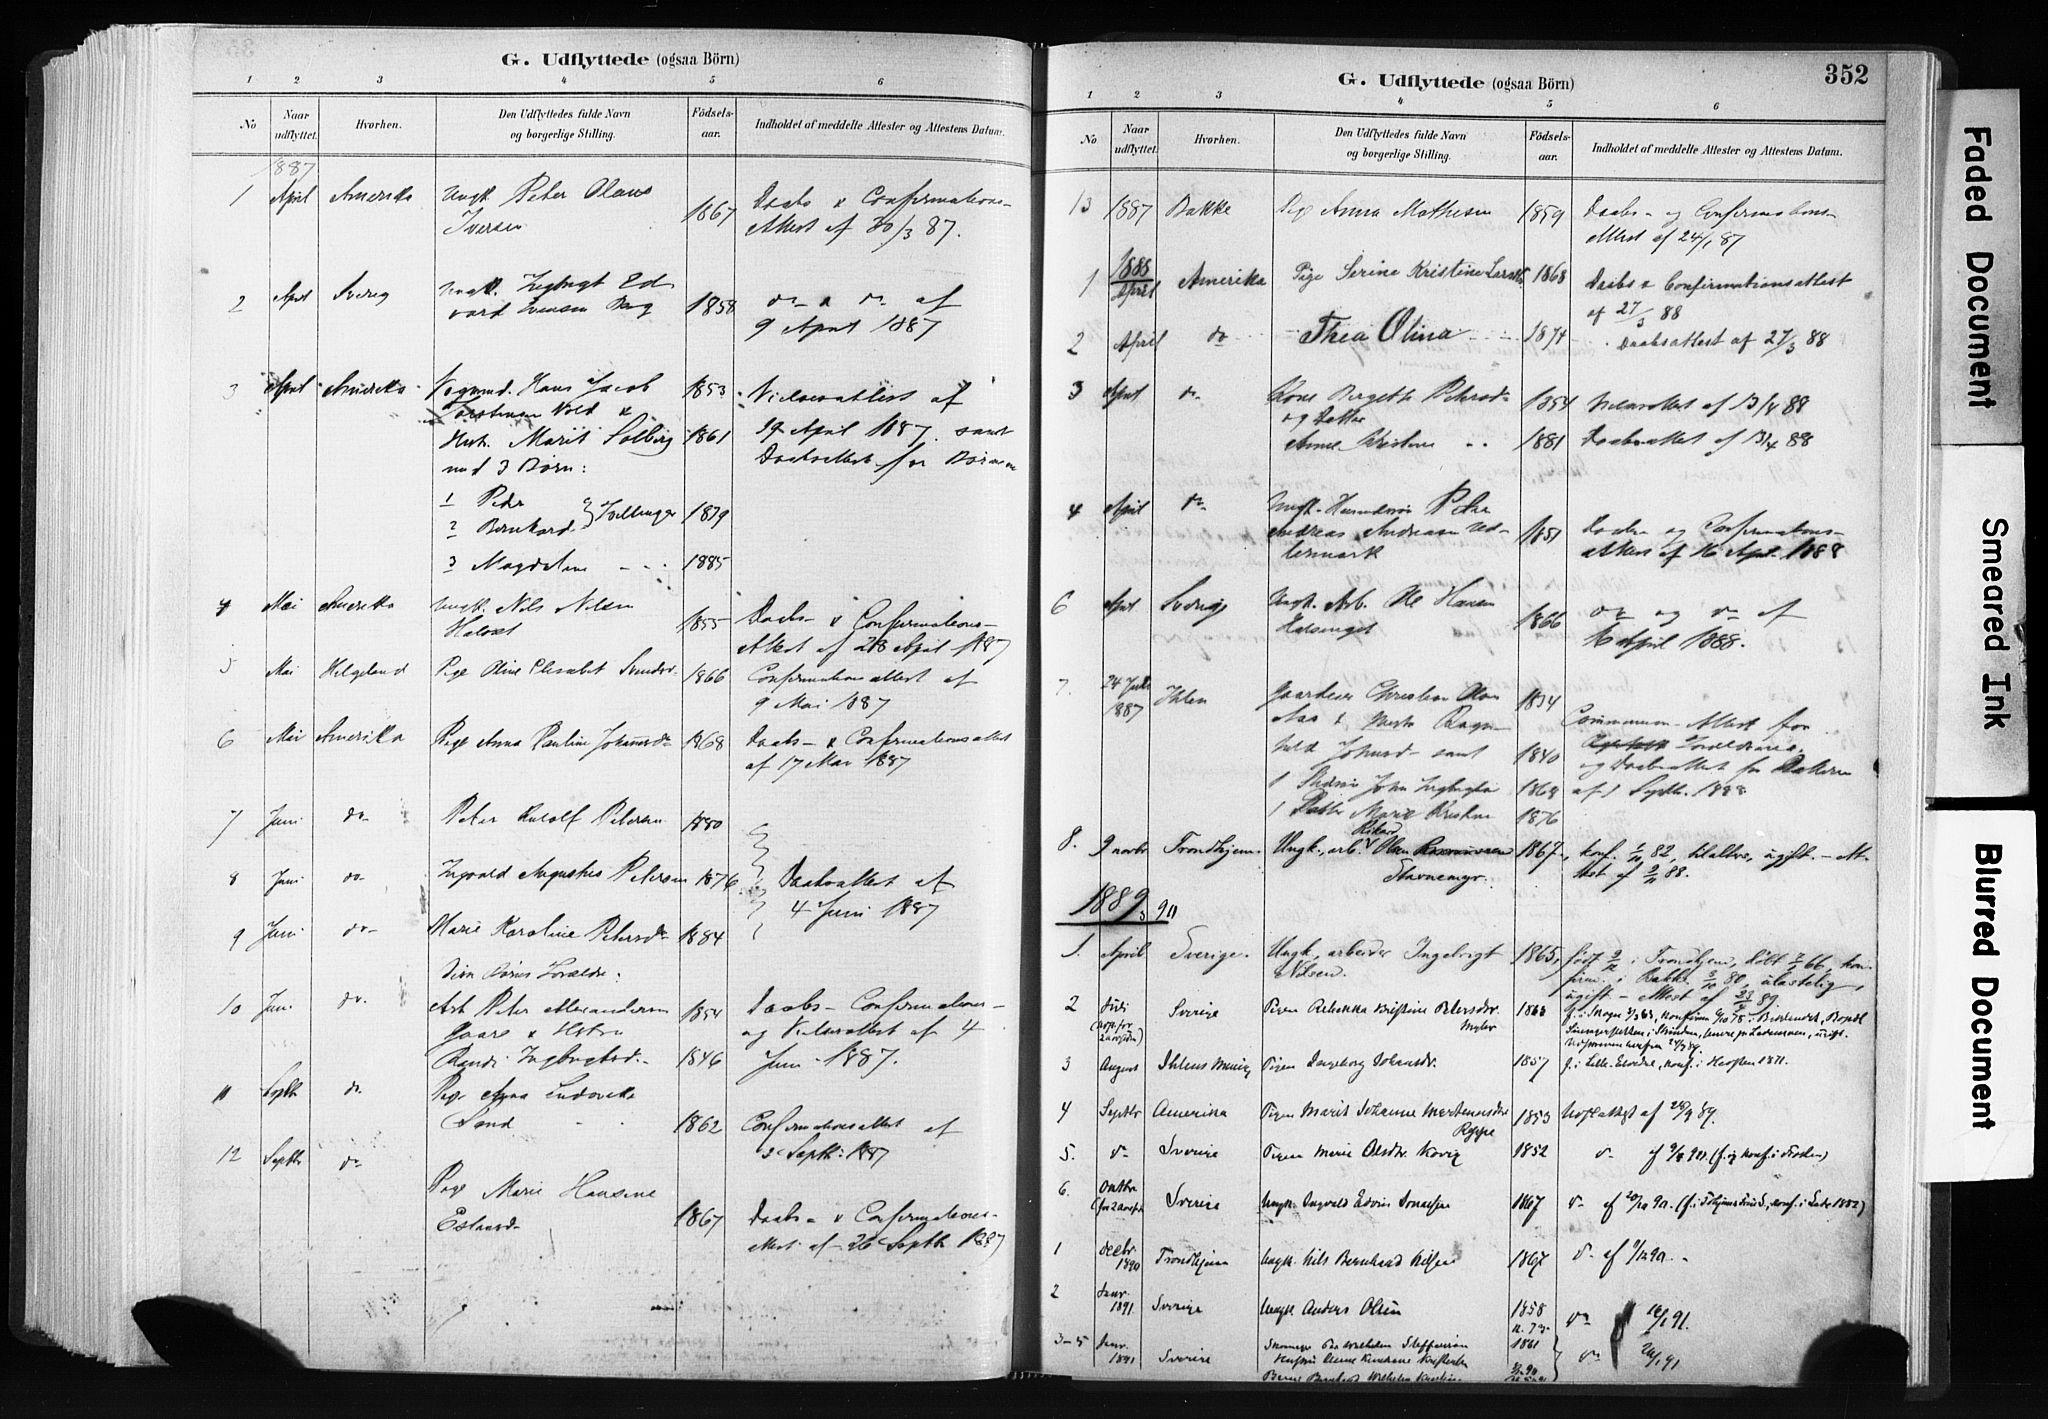 SAT, Ministerialprotokoller, klokkerbøker og fødselsregistre - Sør-Trøndelag, 606/L0300: Ministerialbok nr. 606A15, 1886-1893, s. 352